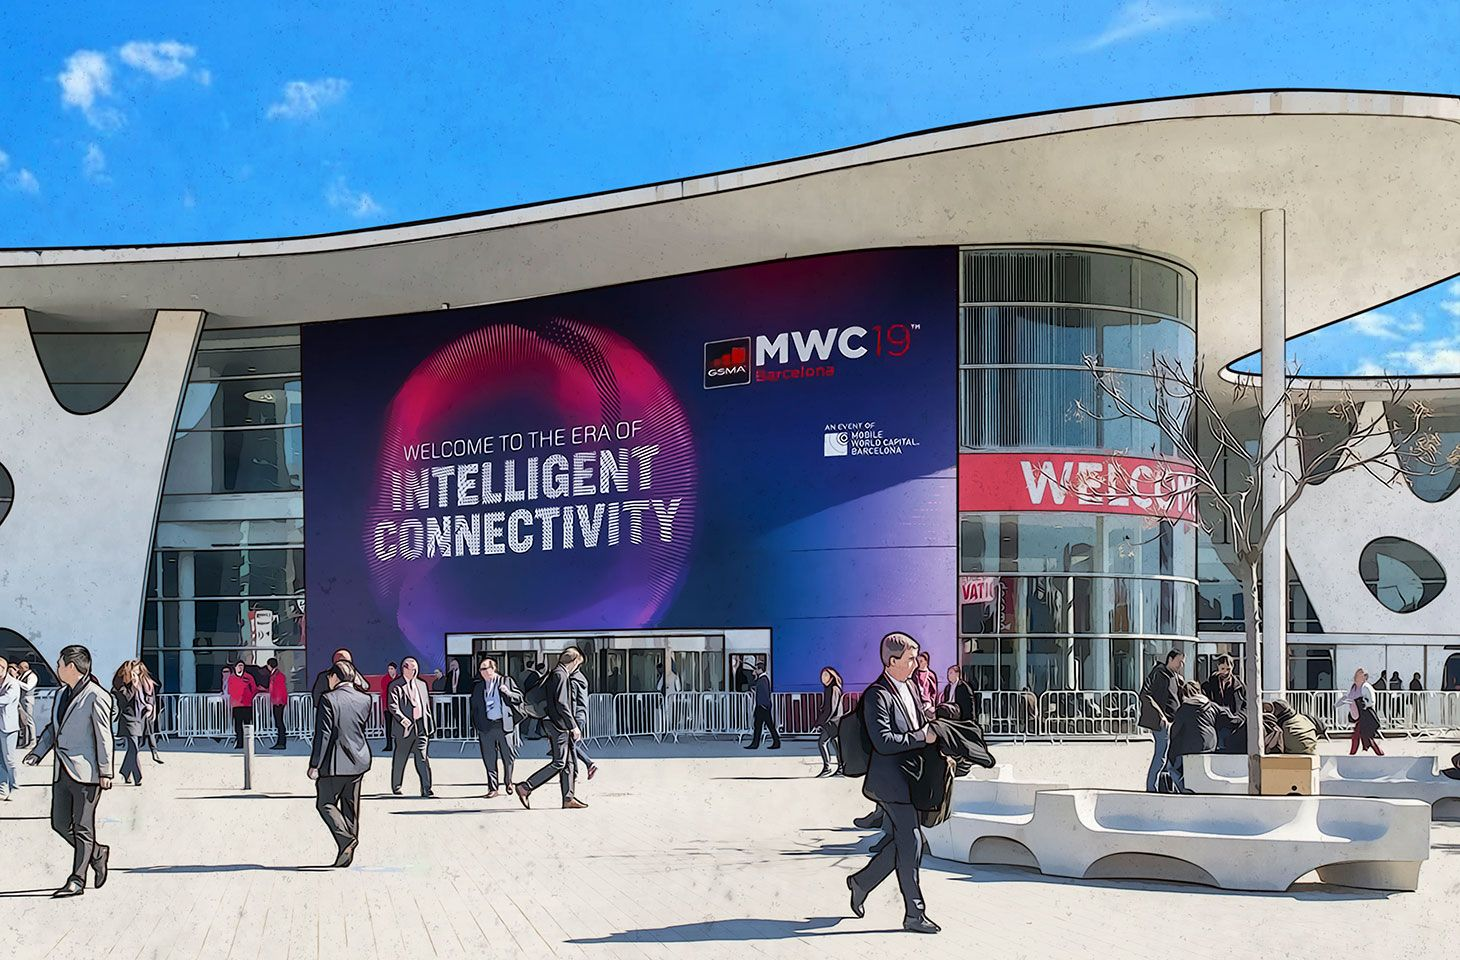 Riassunto delle migliori novità che abbiamo visto al Mobile World Congress 2019: 5G, Internet delle Cose, sensori a ultrasuoni delle impronte digitali e intelligenza artificiale.